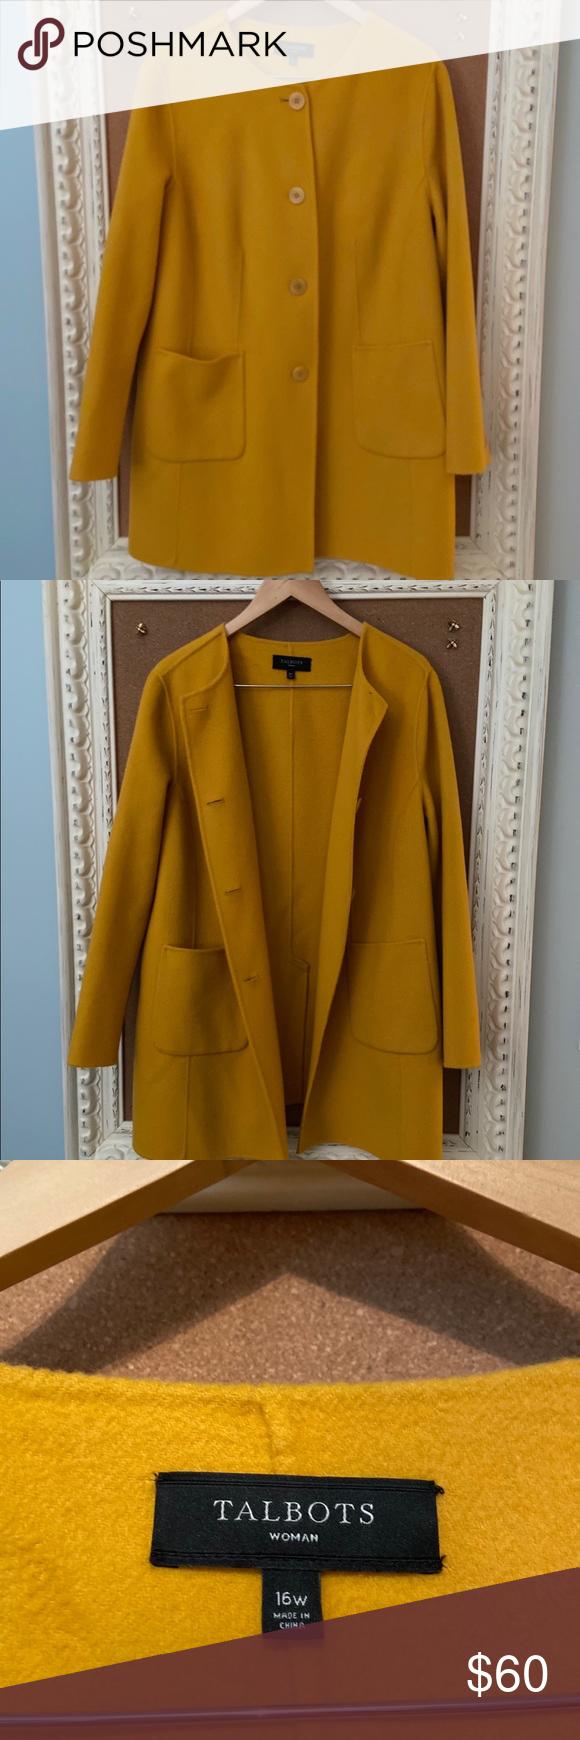 Talbots Wool Jacket 16w Wool Jacket Jackets Talbots [ 1740 x 580 Pixel ]